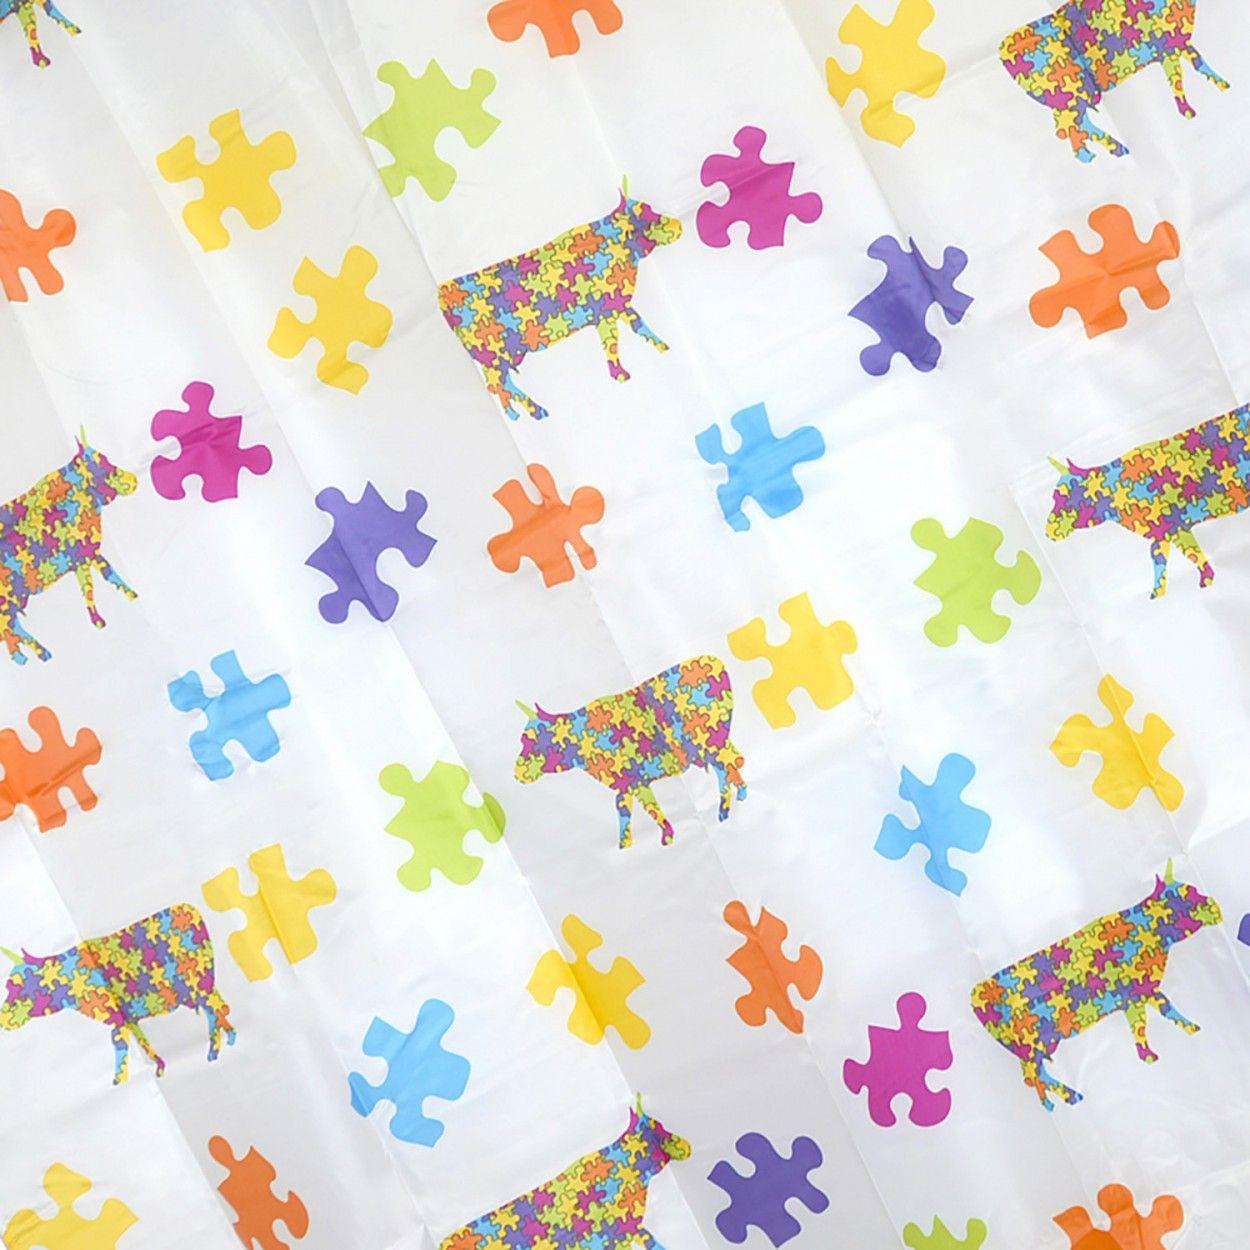 Cortina de ba o para ducha con tejido de peva dise o puzzle con estilo infantil hogar y m s - Cortinas de bano de diseno ...